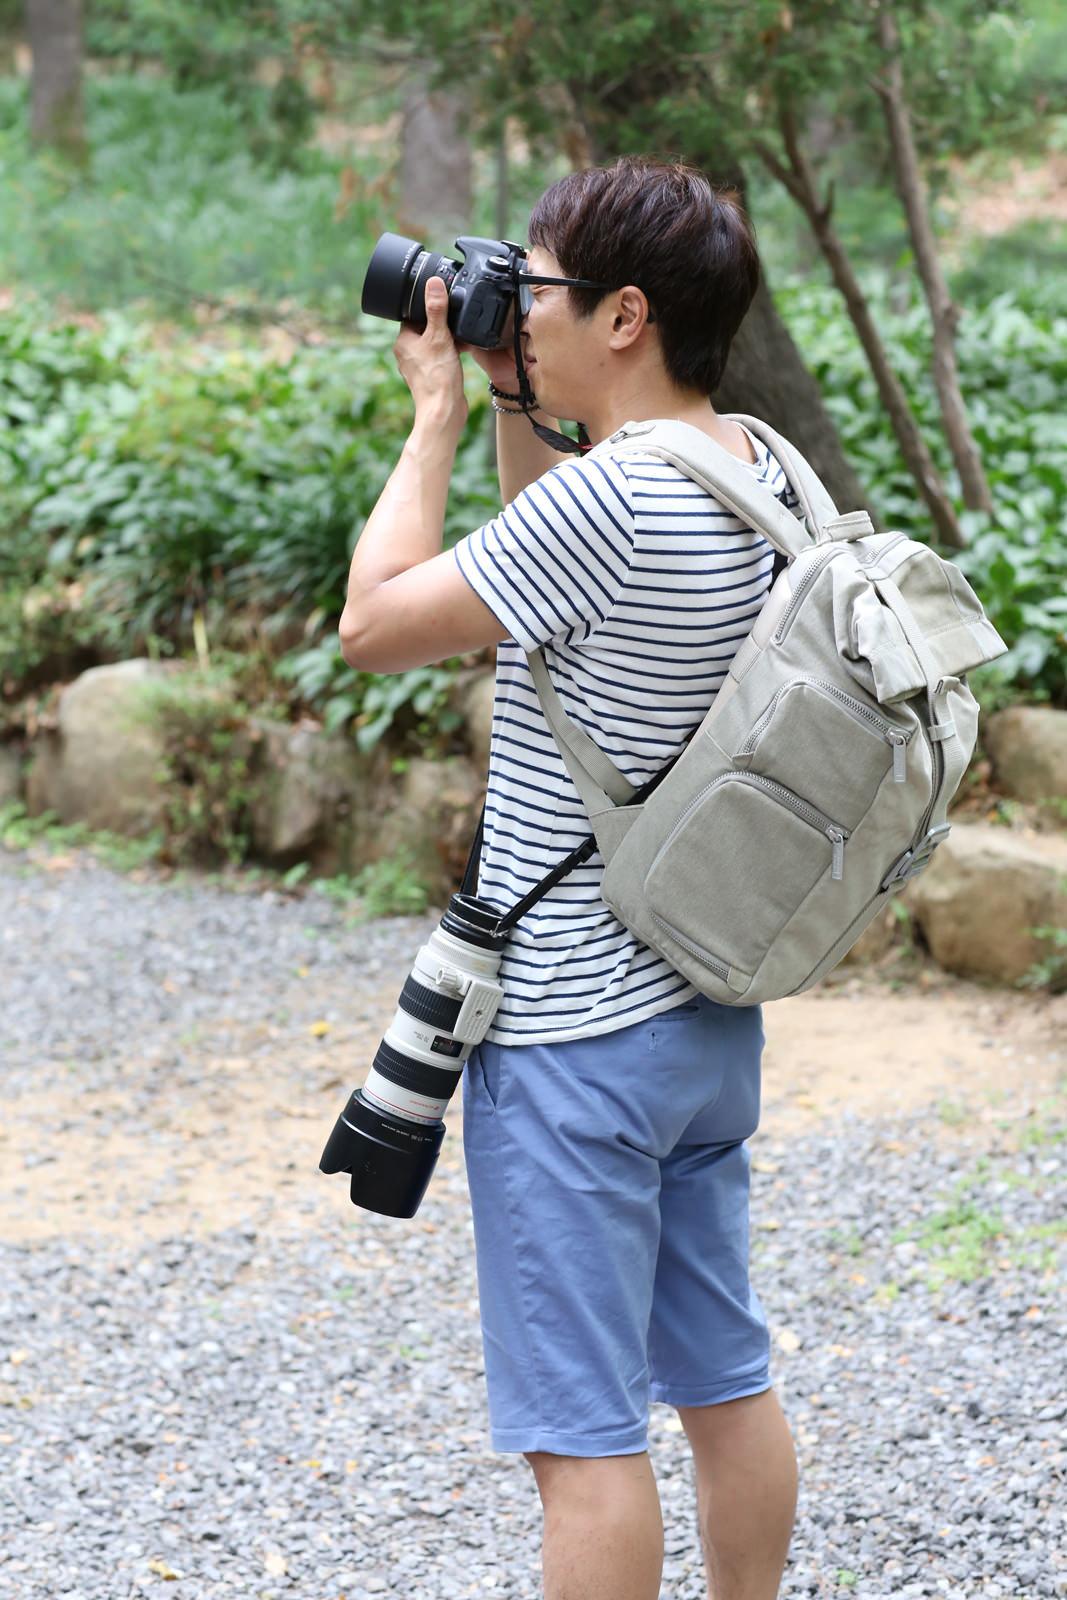 Canon 8809416750002 0013 image